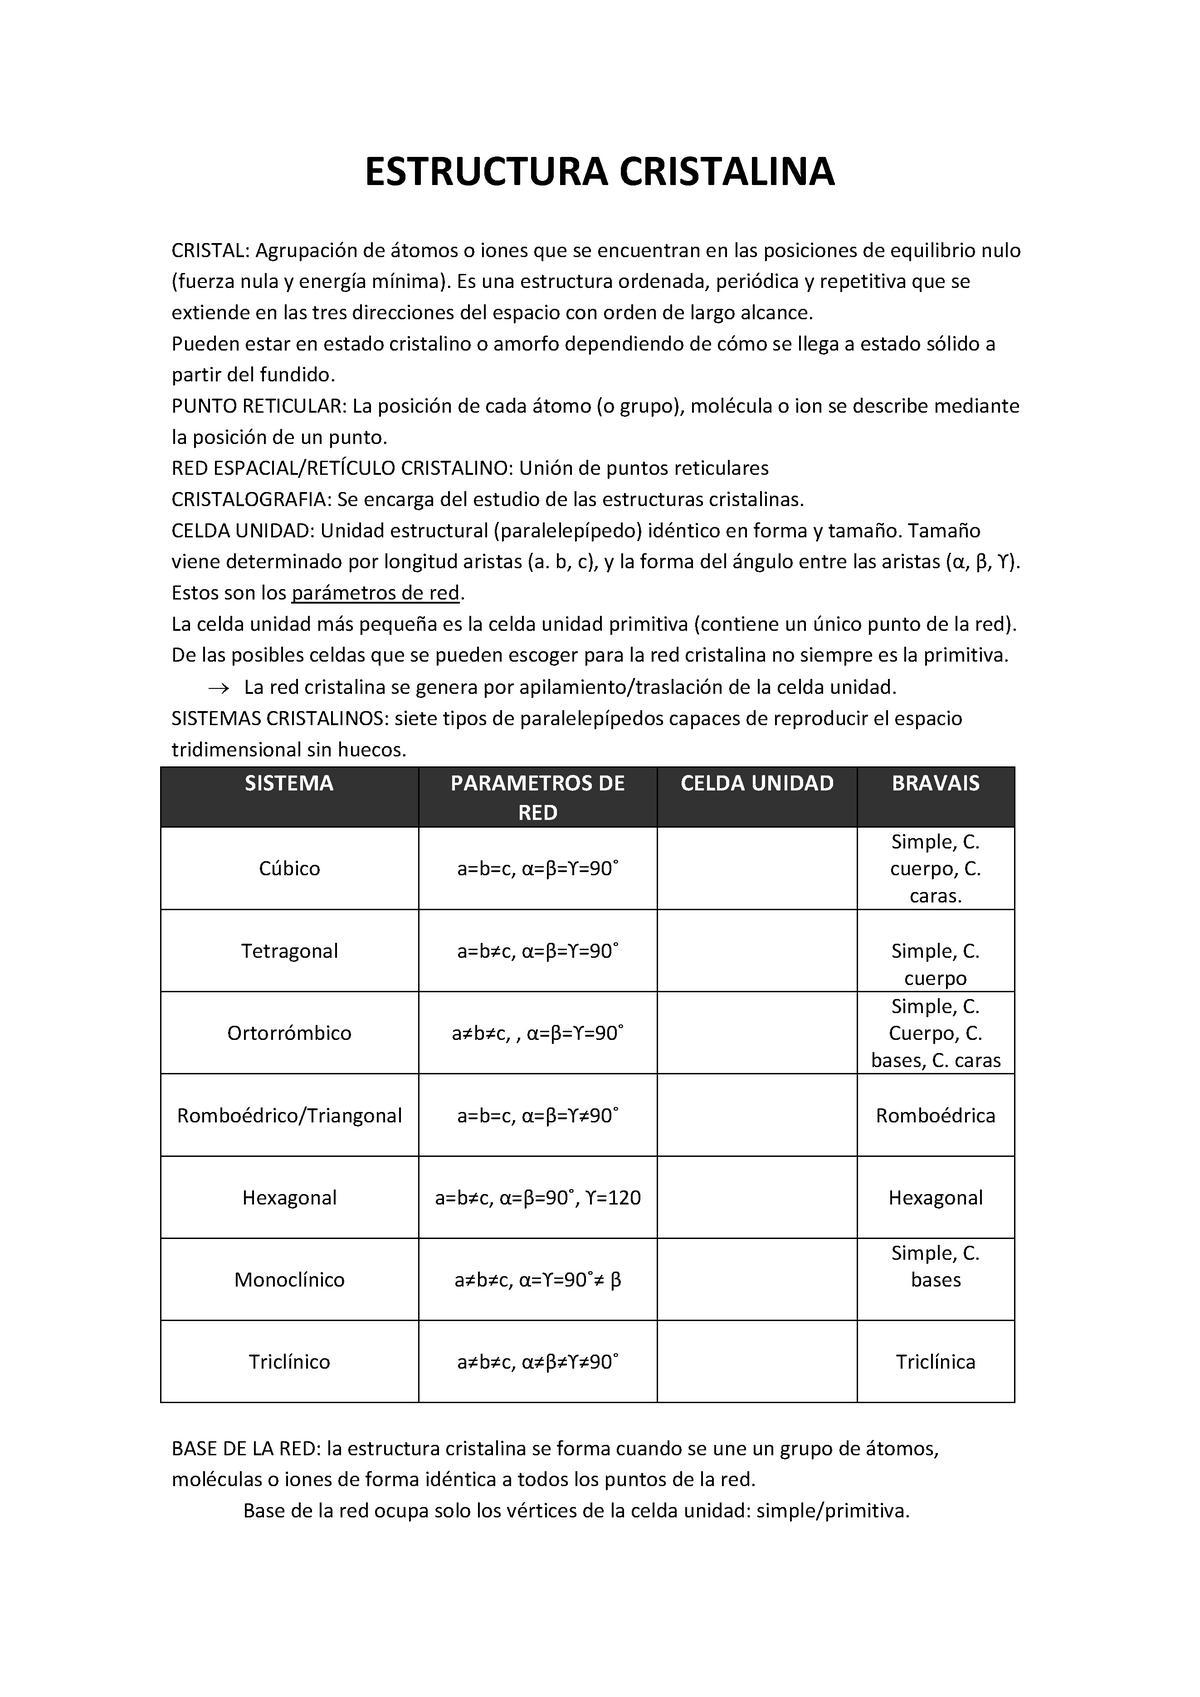 Estructura Cristalina Primitiva - 2021 idea e inspiración